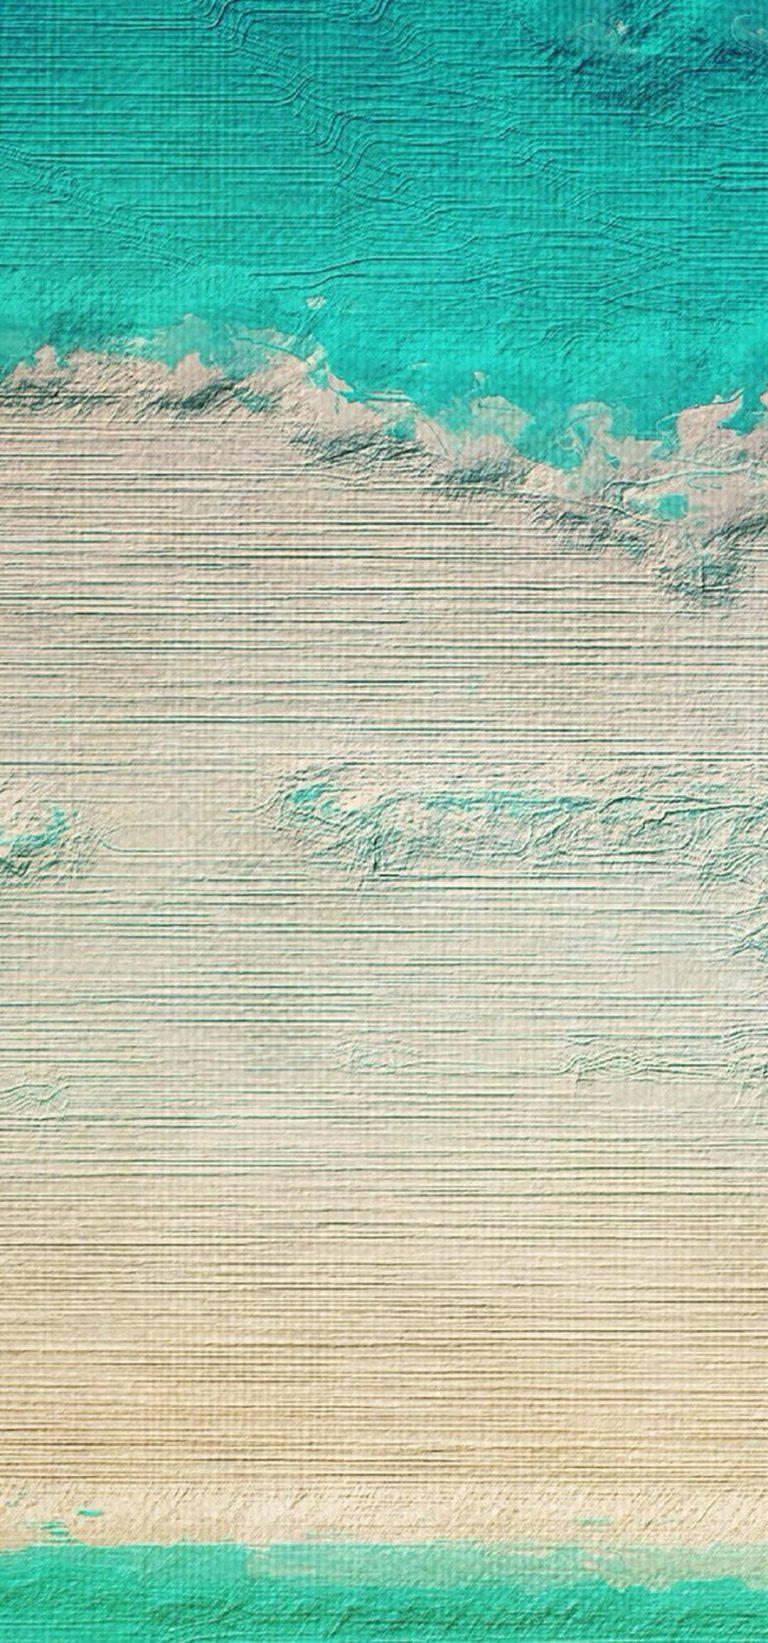 1080x2310 Wallpaper 368 768x1643